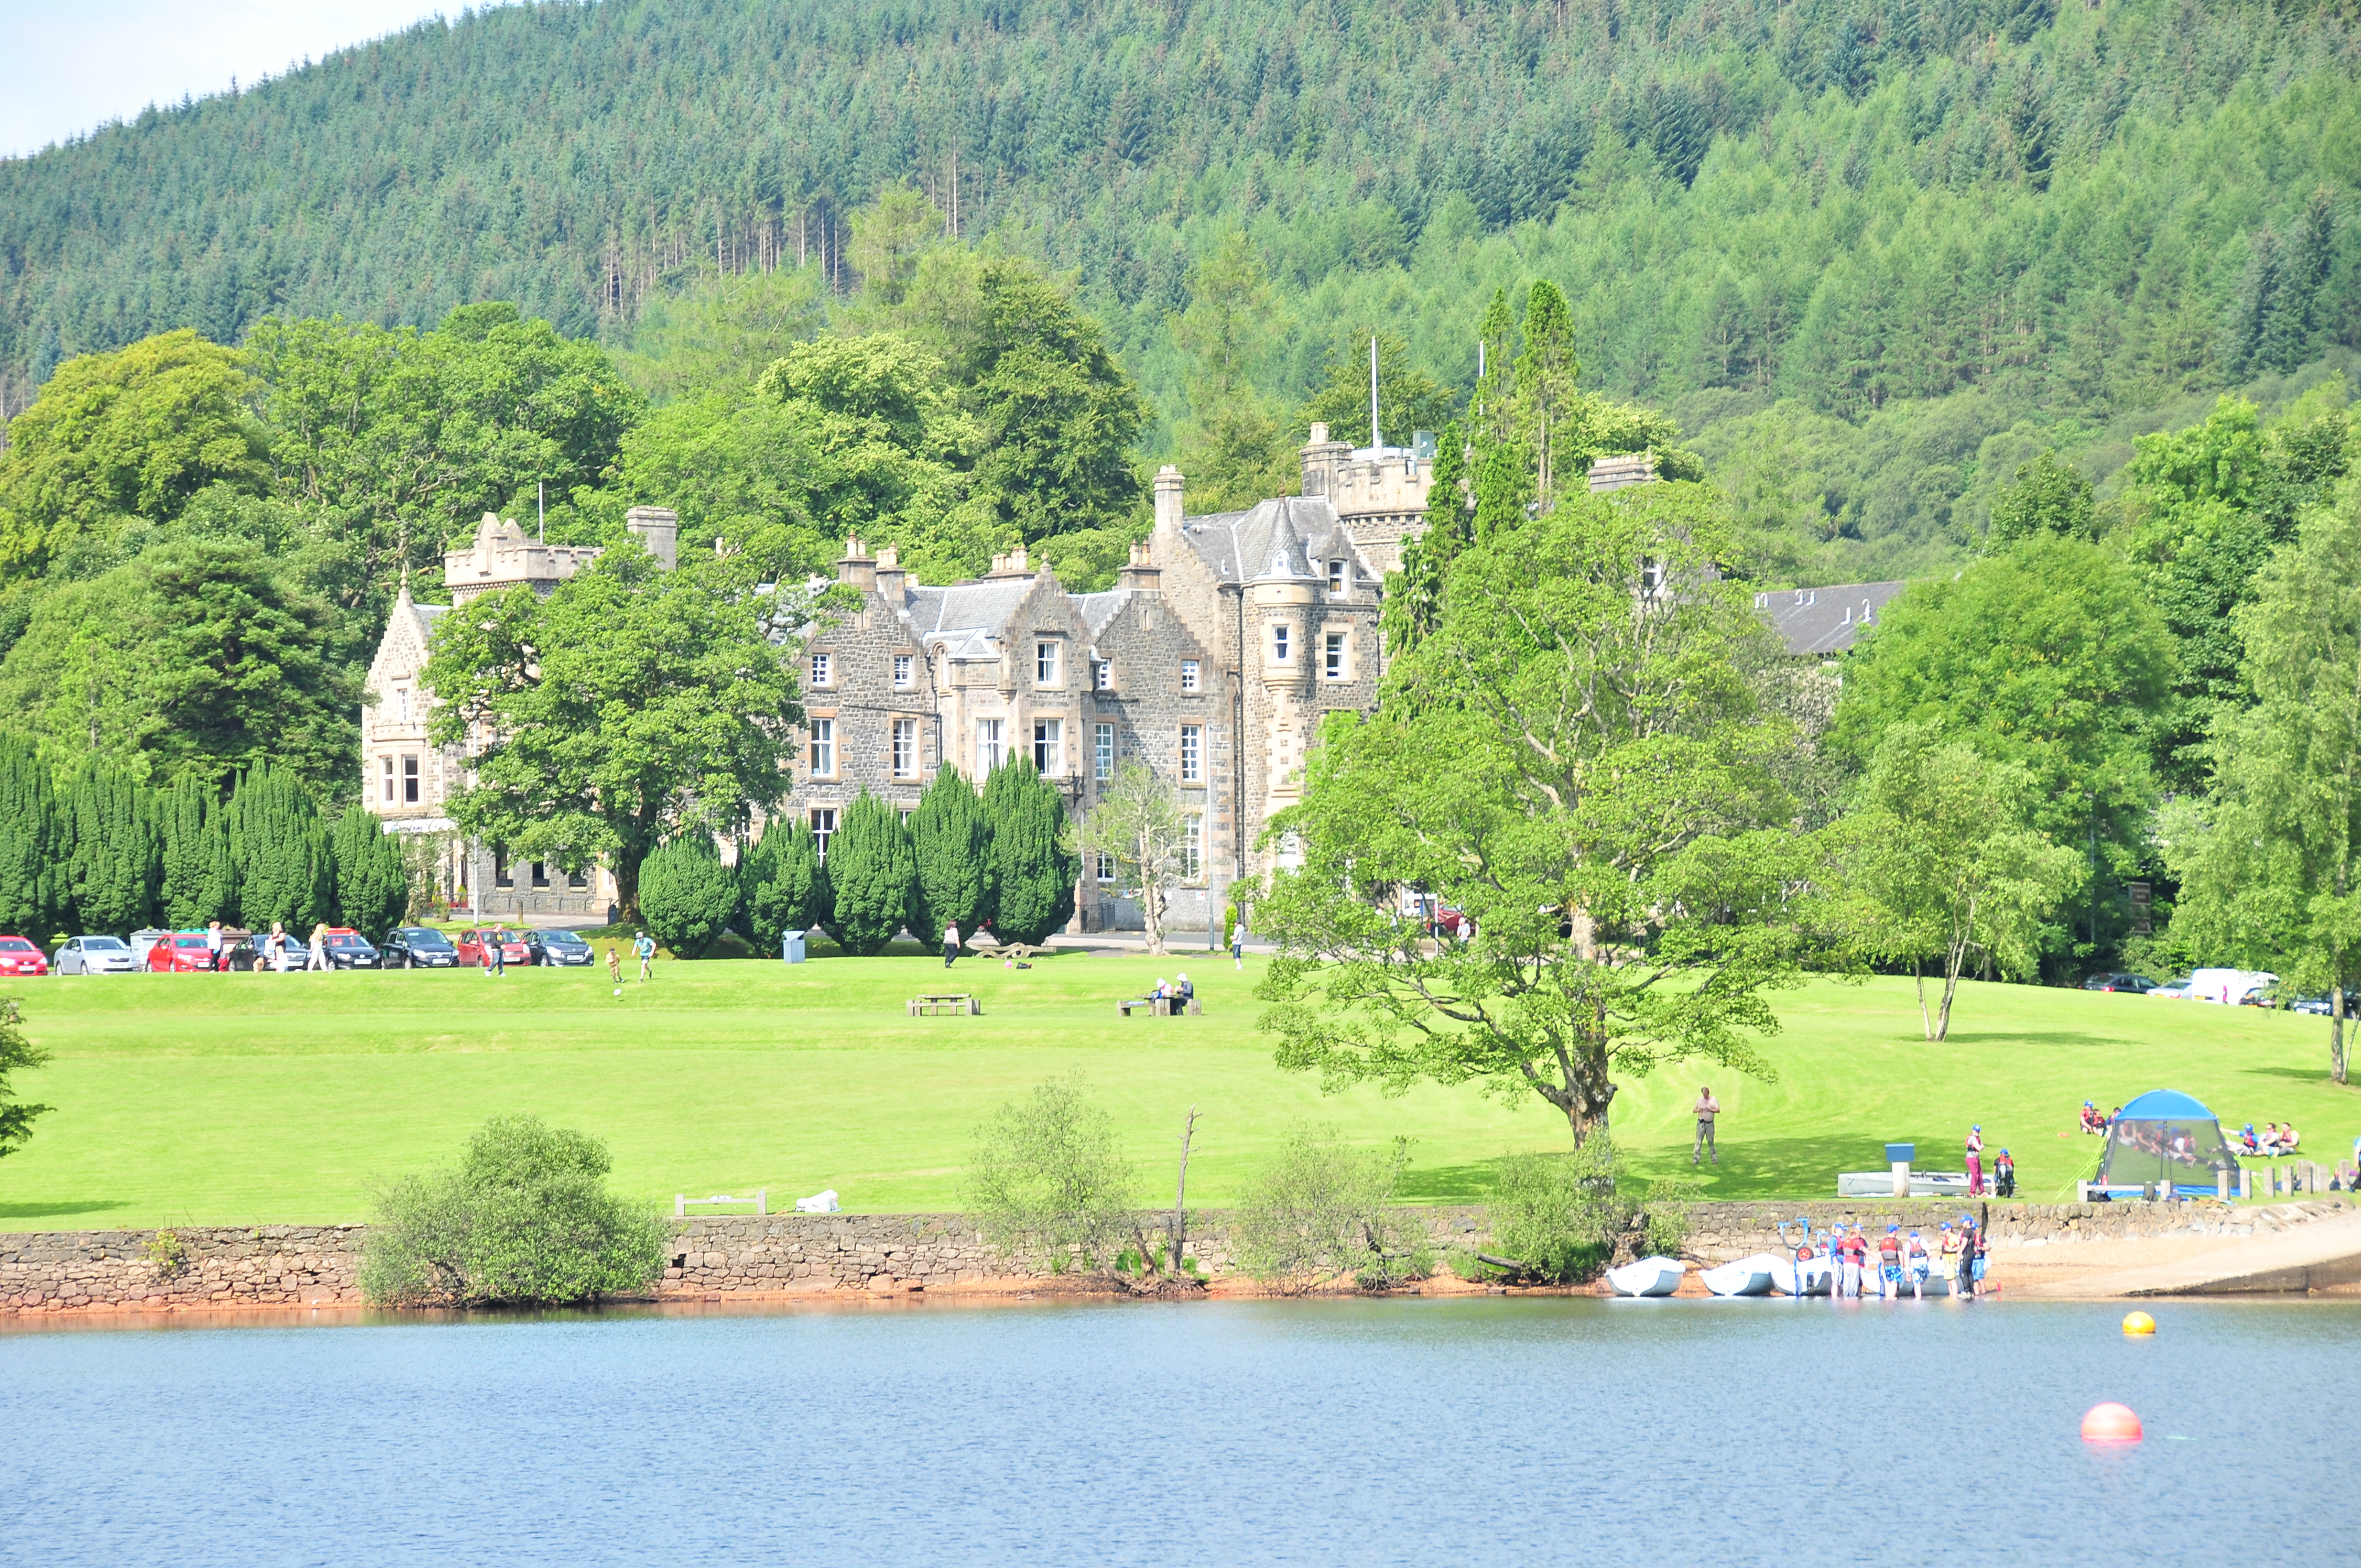 Loch Lomond Castle